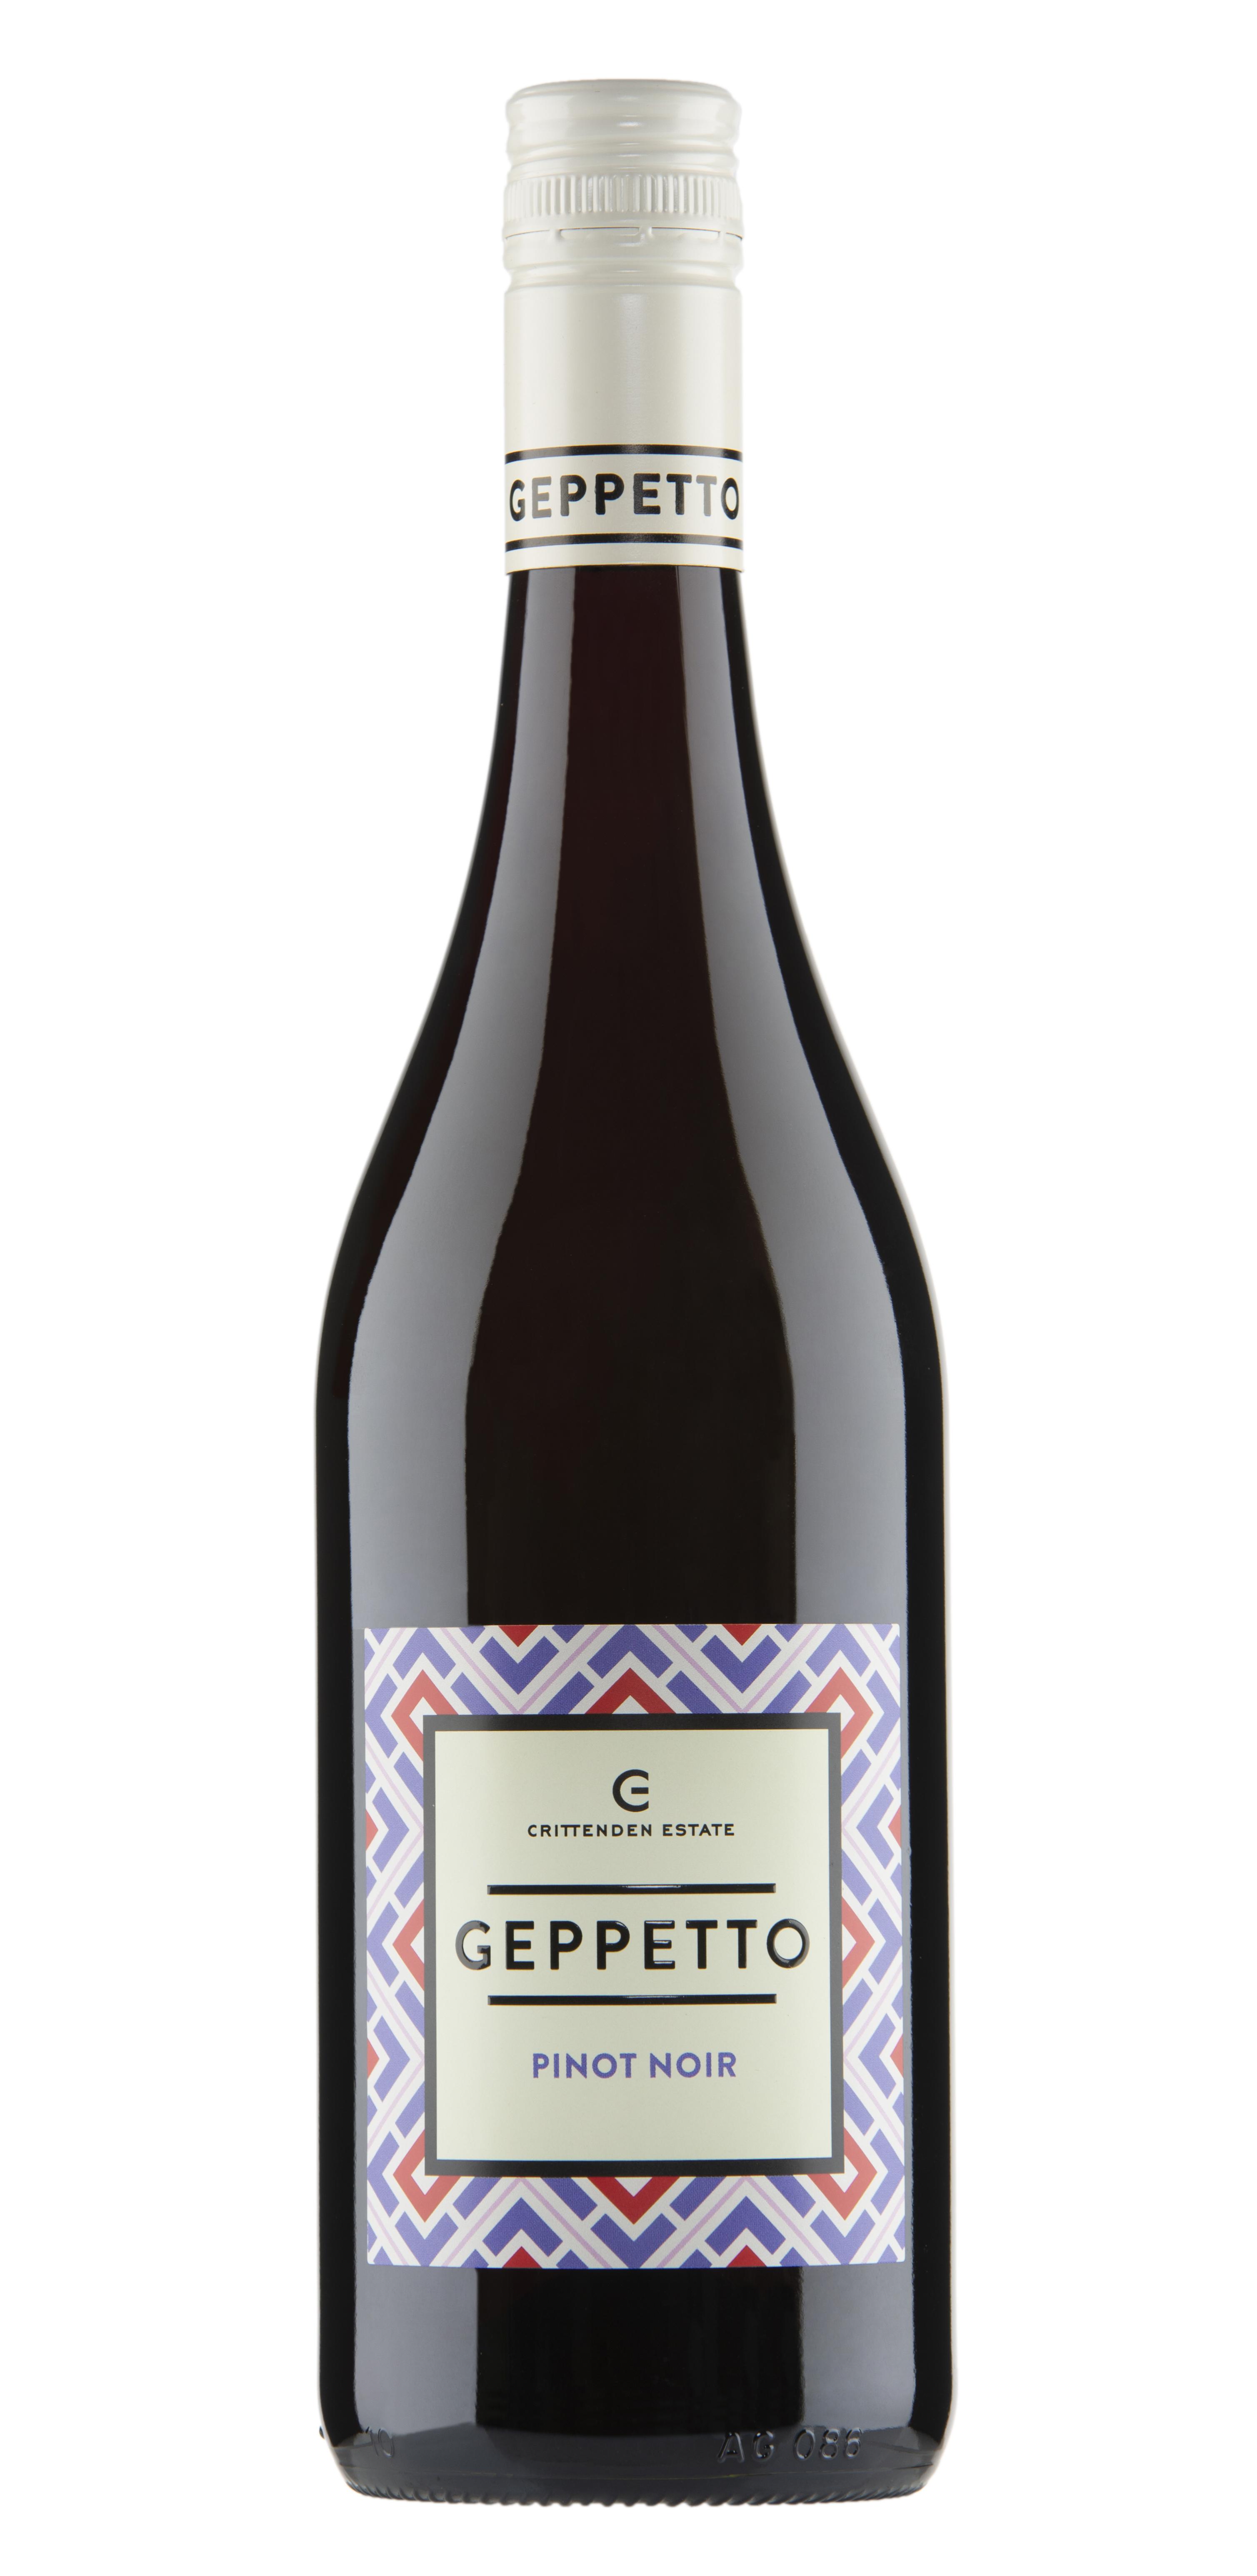 Crittenden Estate Geppetto Pinot Noir